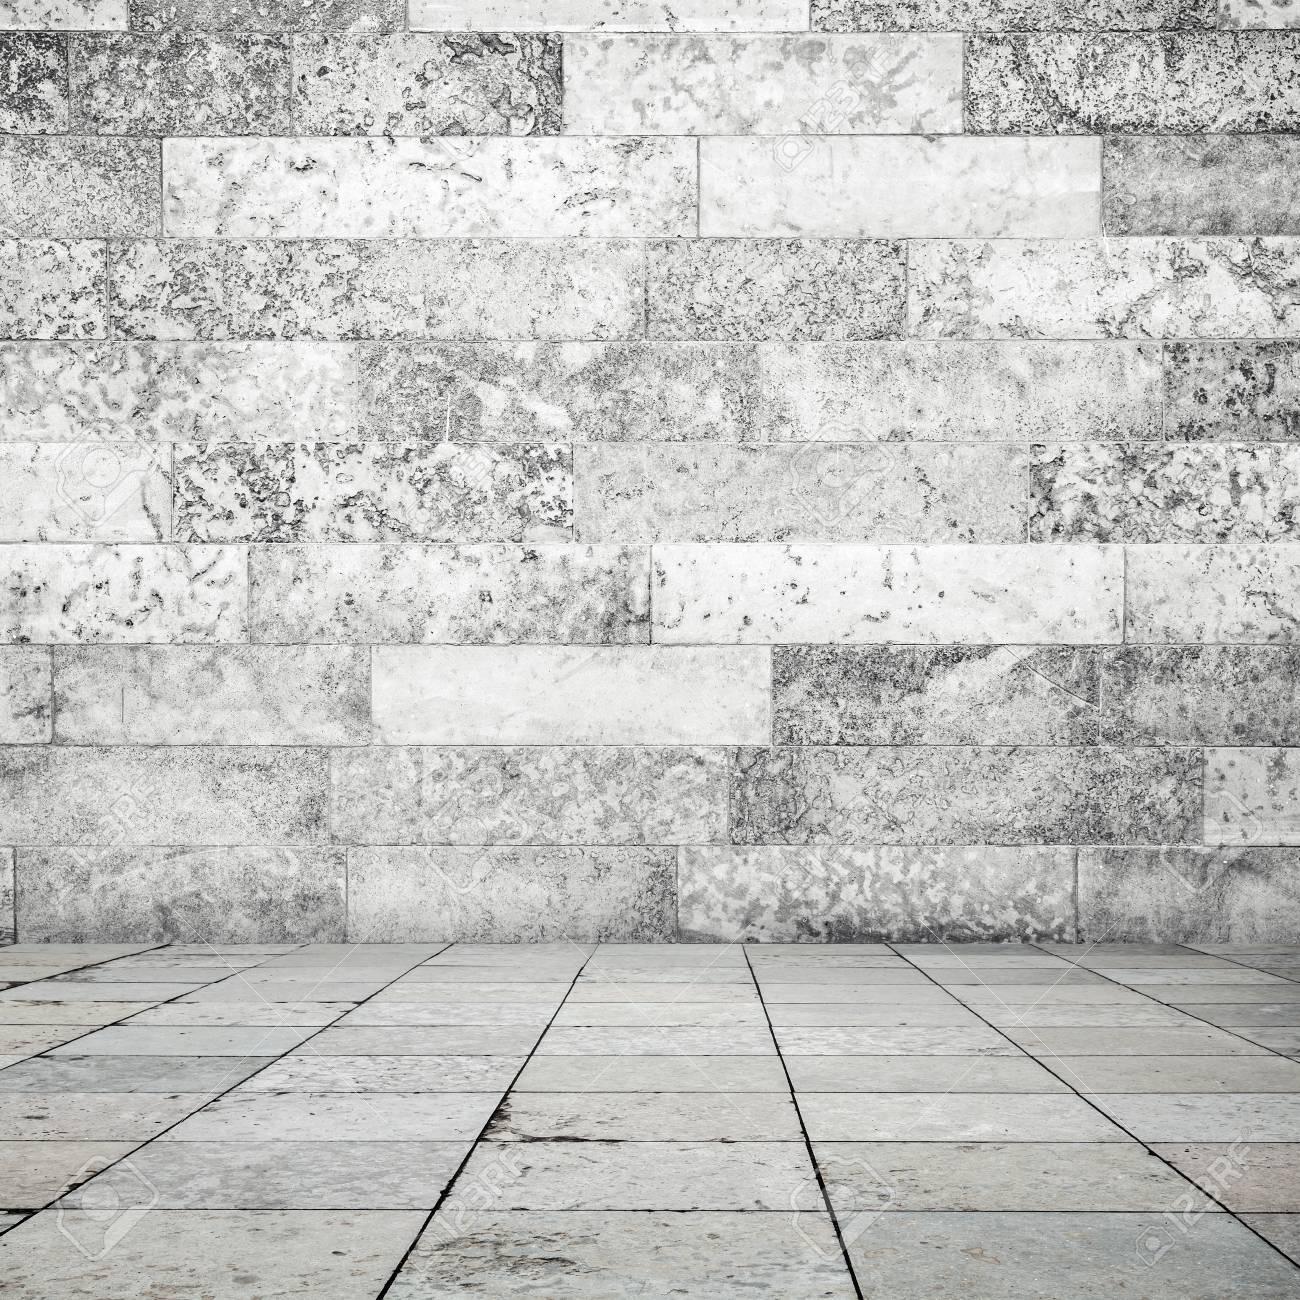 Abstrakt Leeren Innenraum Hintergrund Stein Bodenfliesen Und Weiss